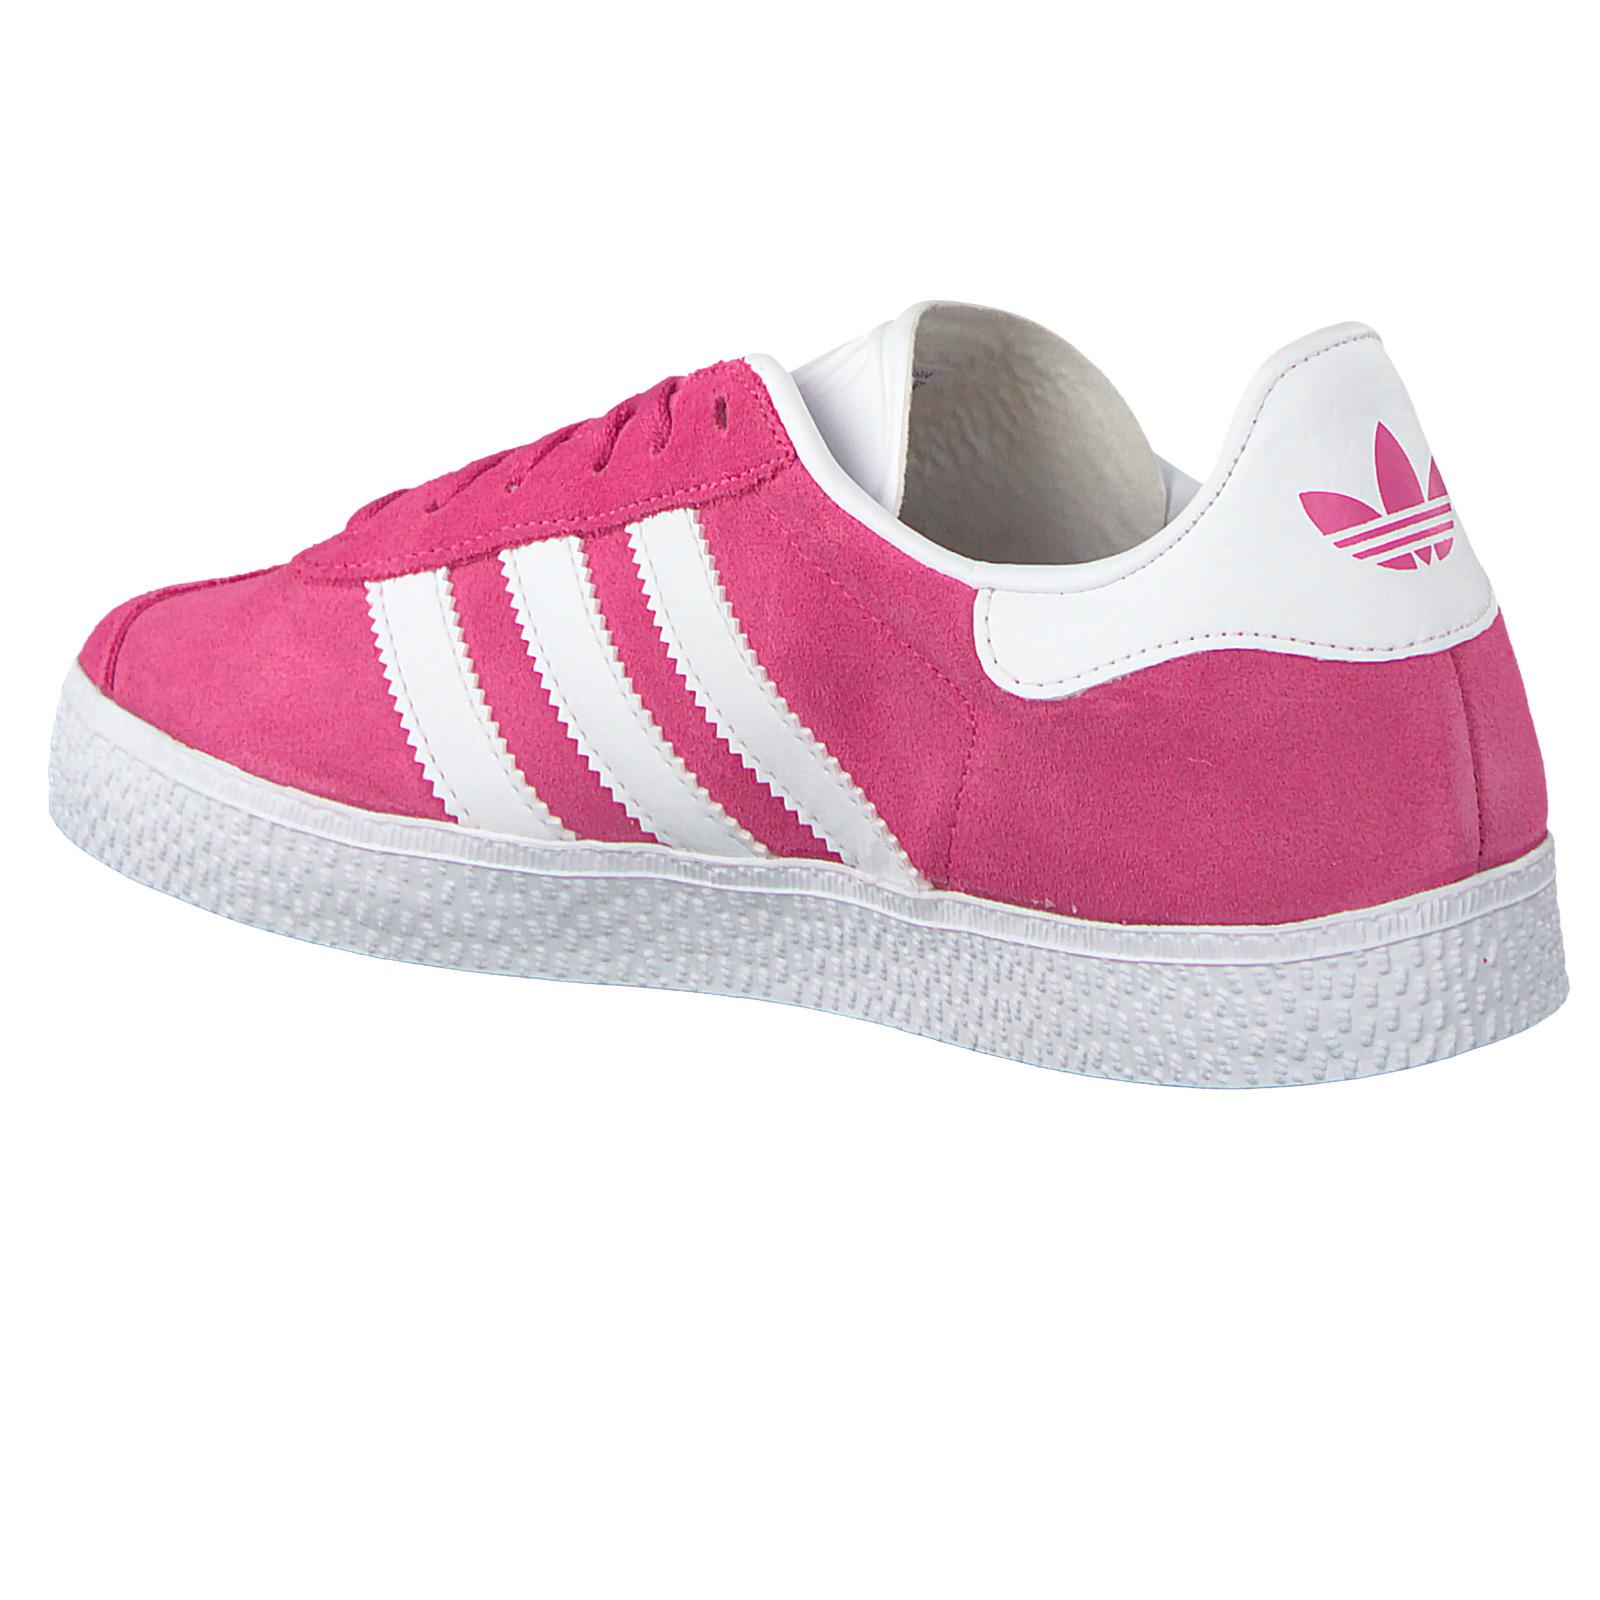 timeless design 24f6a 59e5b adidas Originals Gazelle Kinder Mädchen Sneaker Leder Schuhe B41531 Pink  Weiß